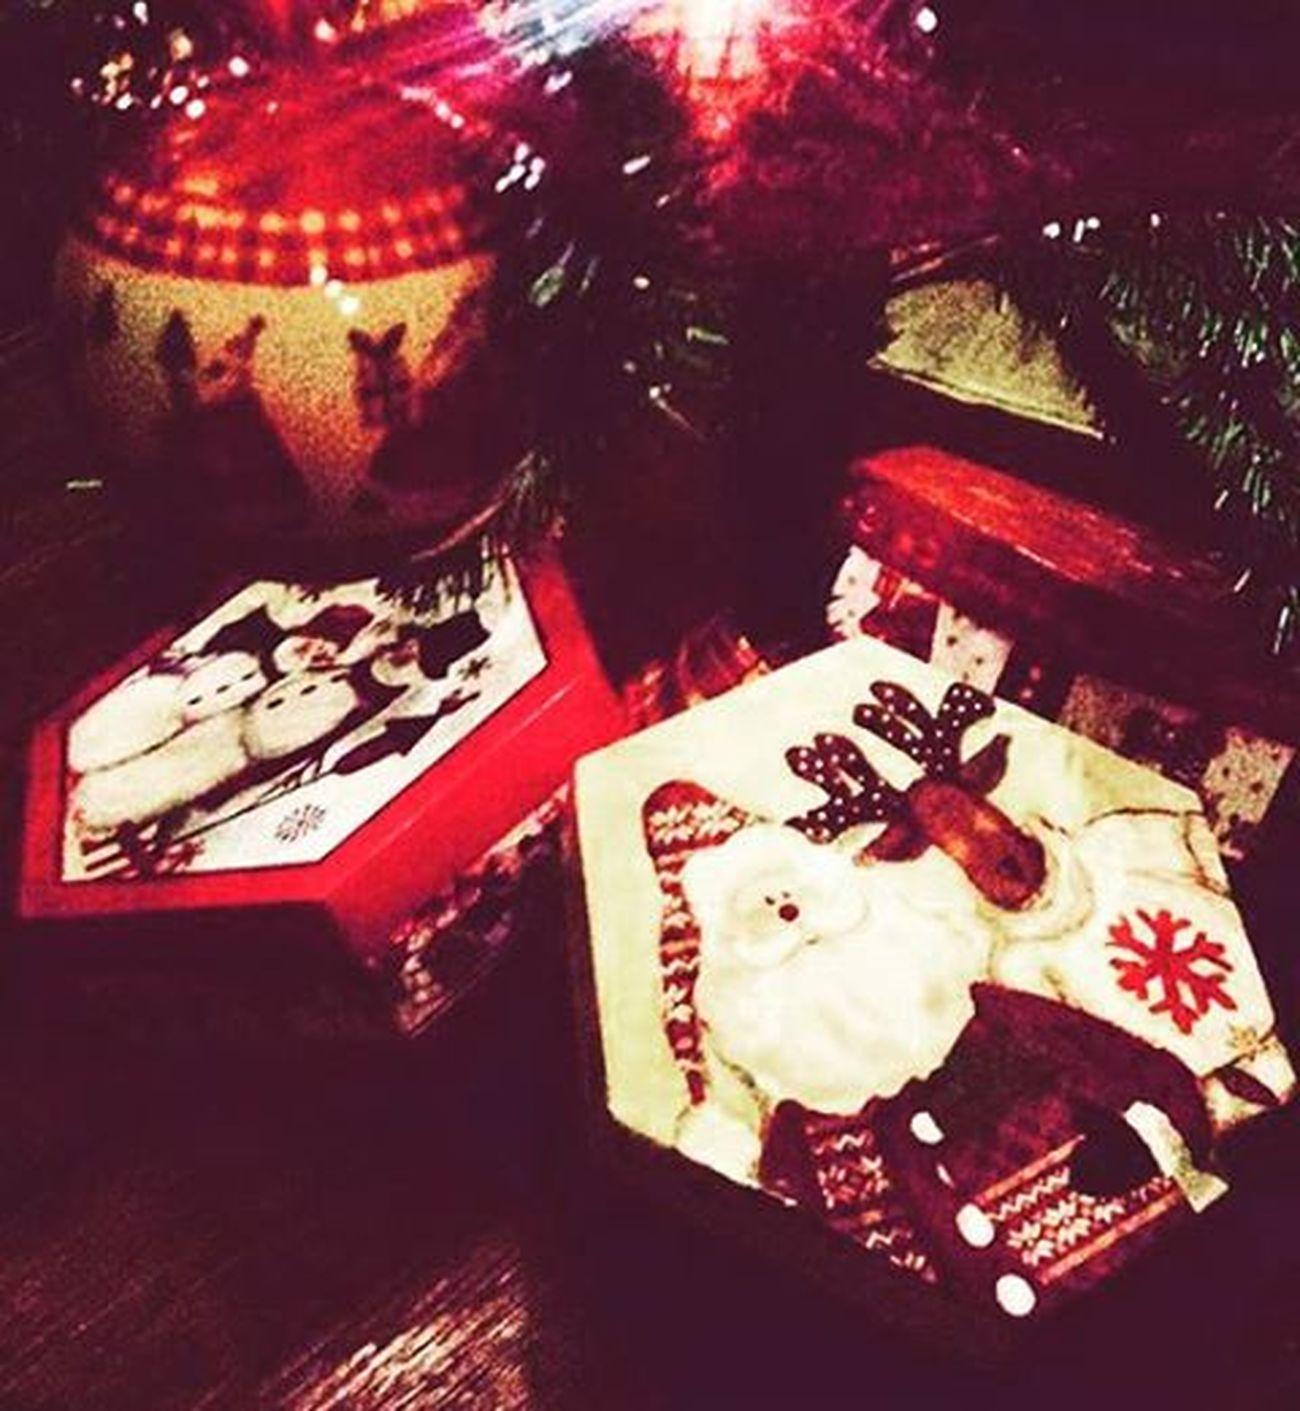 Ανταλλάζουμε δώρα και αγάπη.❤(Μπλε Παπαγάλος/•Countdown) {December 14th} Blepapagaloss Home μεταξουργείο Itschristmastime Friends Givemesomechristmaslove Givingpresents Sharinglove Almostmidnight ChristmasIsAlmostHere Countingdays Loading Behappy Beyoü Beproud Dream Fight Love VSCO Vscolove Vscoathens Vscofriends Vscopresents VscoChristmas Instapic instagreece instaxmas instalifo instaaddict instadaily